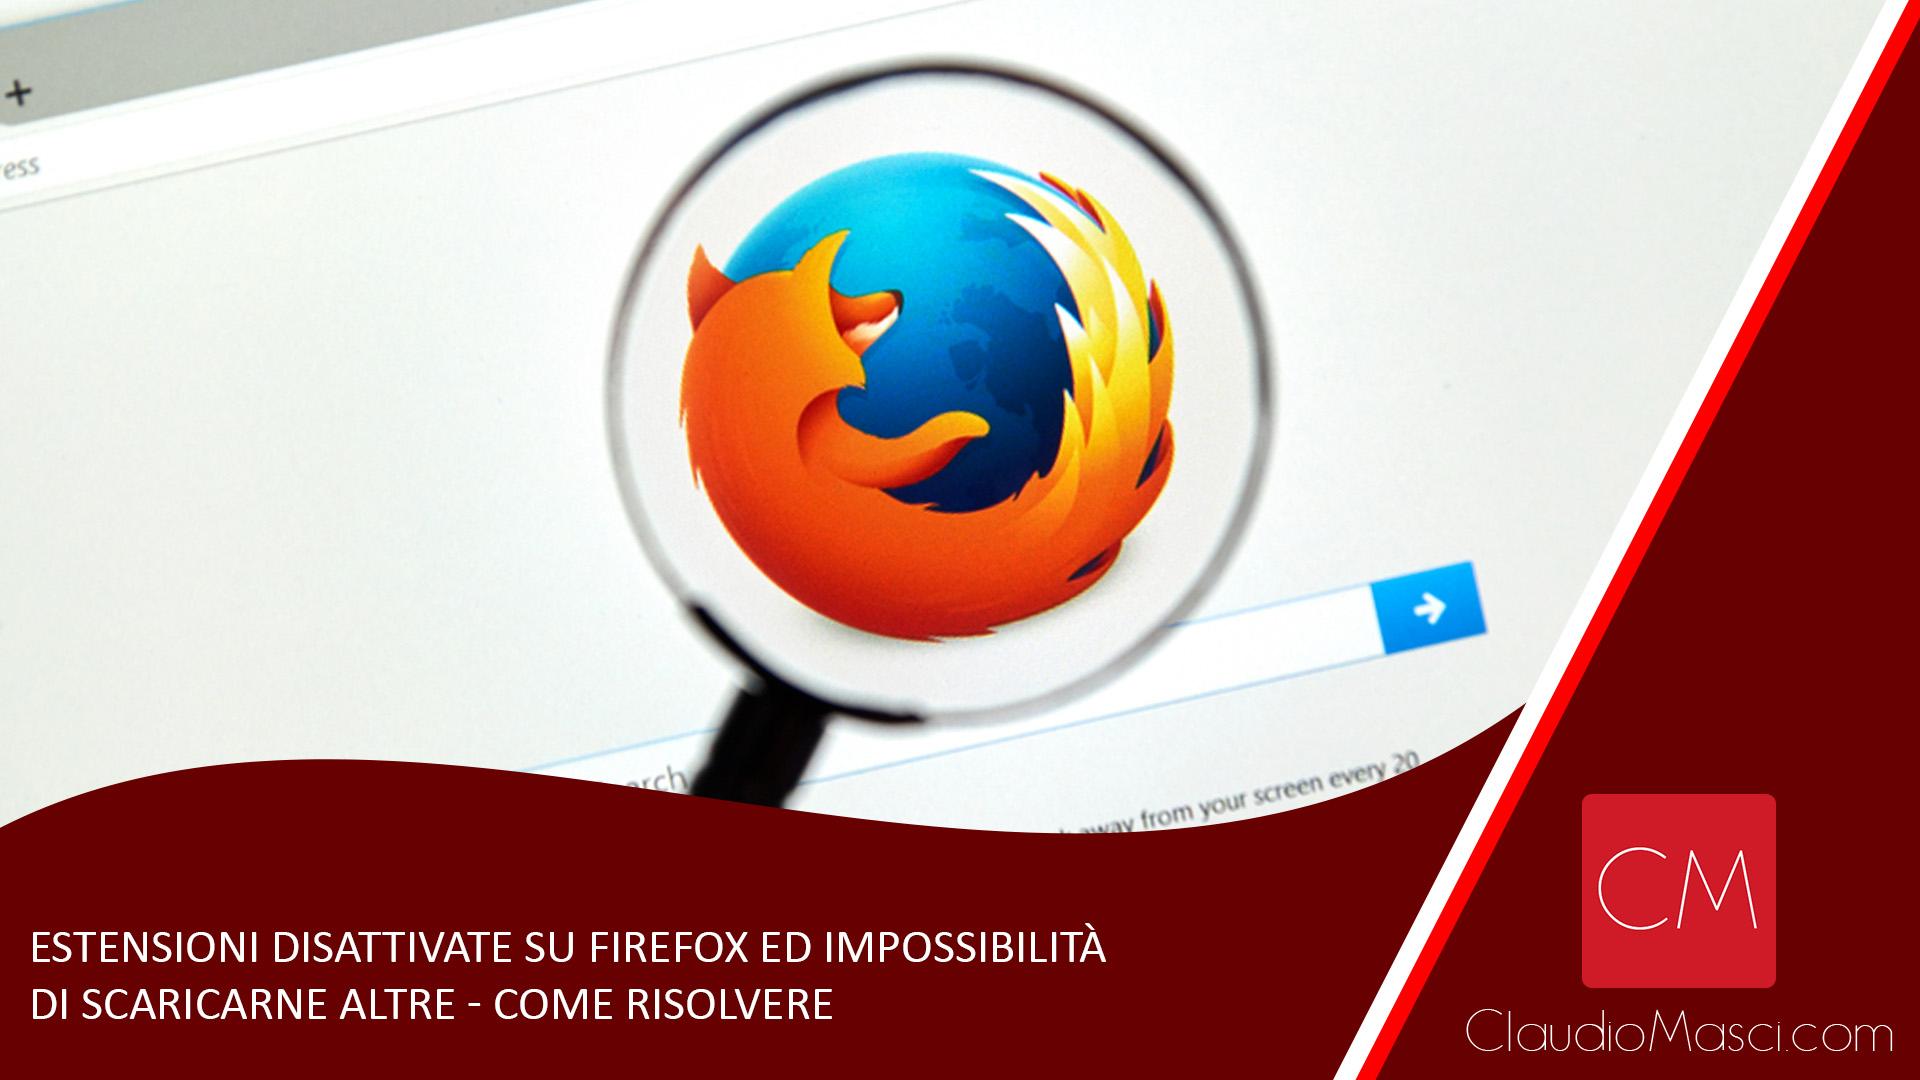 Estensioni disattivate su Firefox ed impossibilità di scaricarne altre – Come risolvere